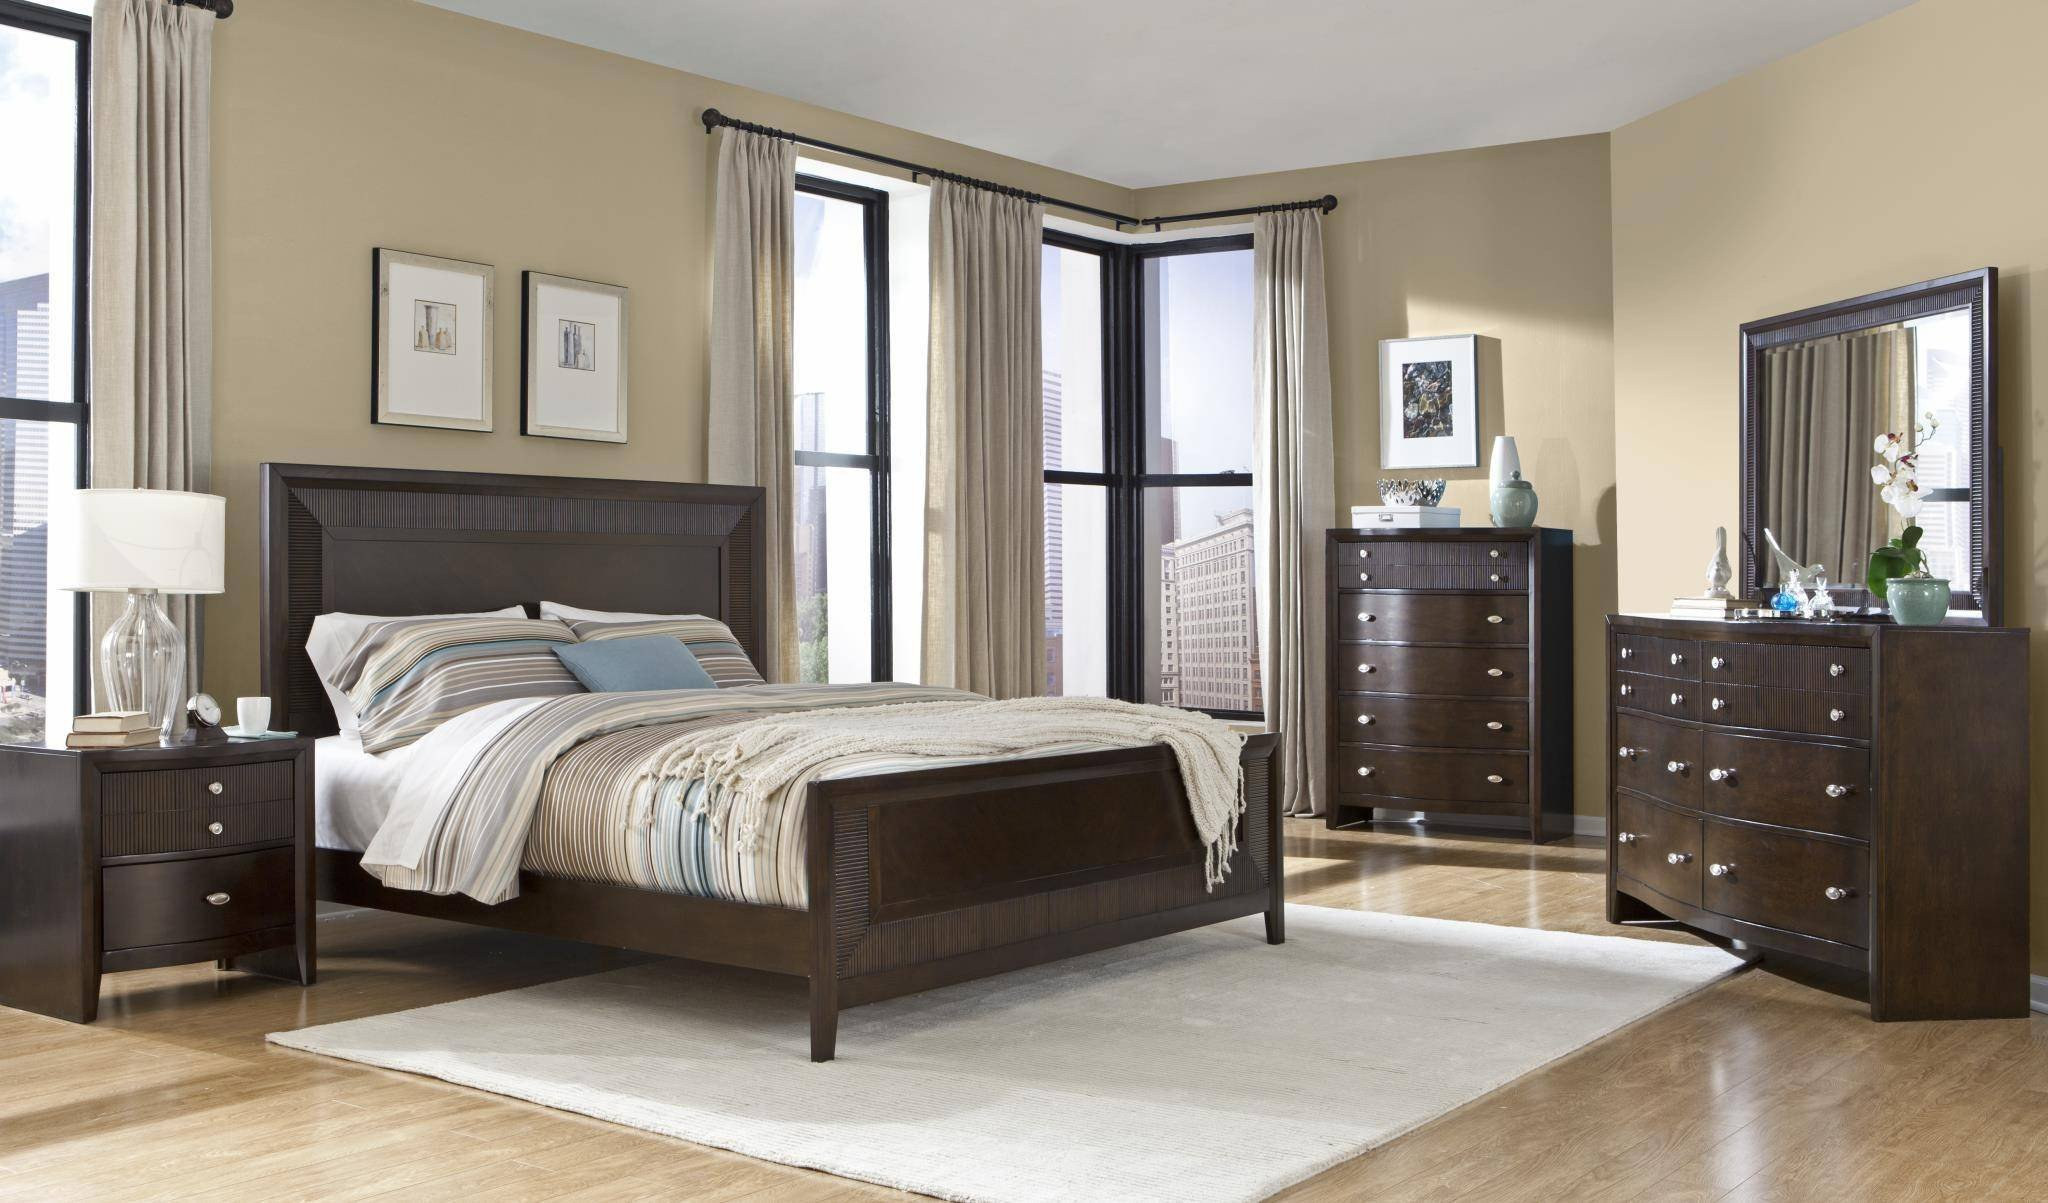 Solid Wood Bedroom Set Elegant Myco Furniture Em3111k Empire Espresso Finish Ribbed Wood King Panel Bedroom Set 4pcs